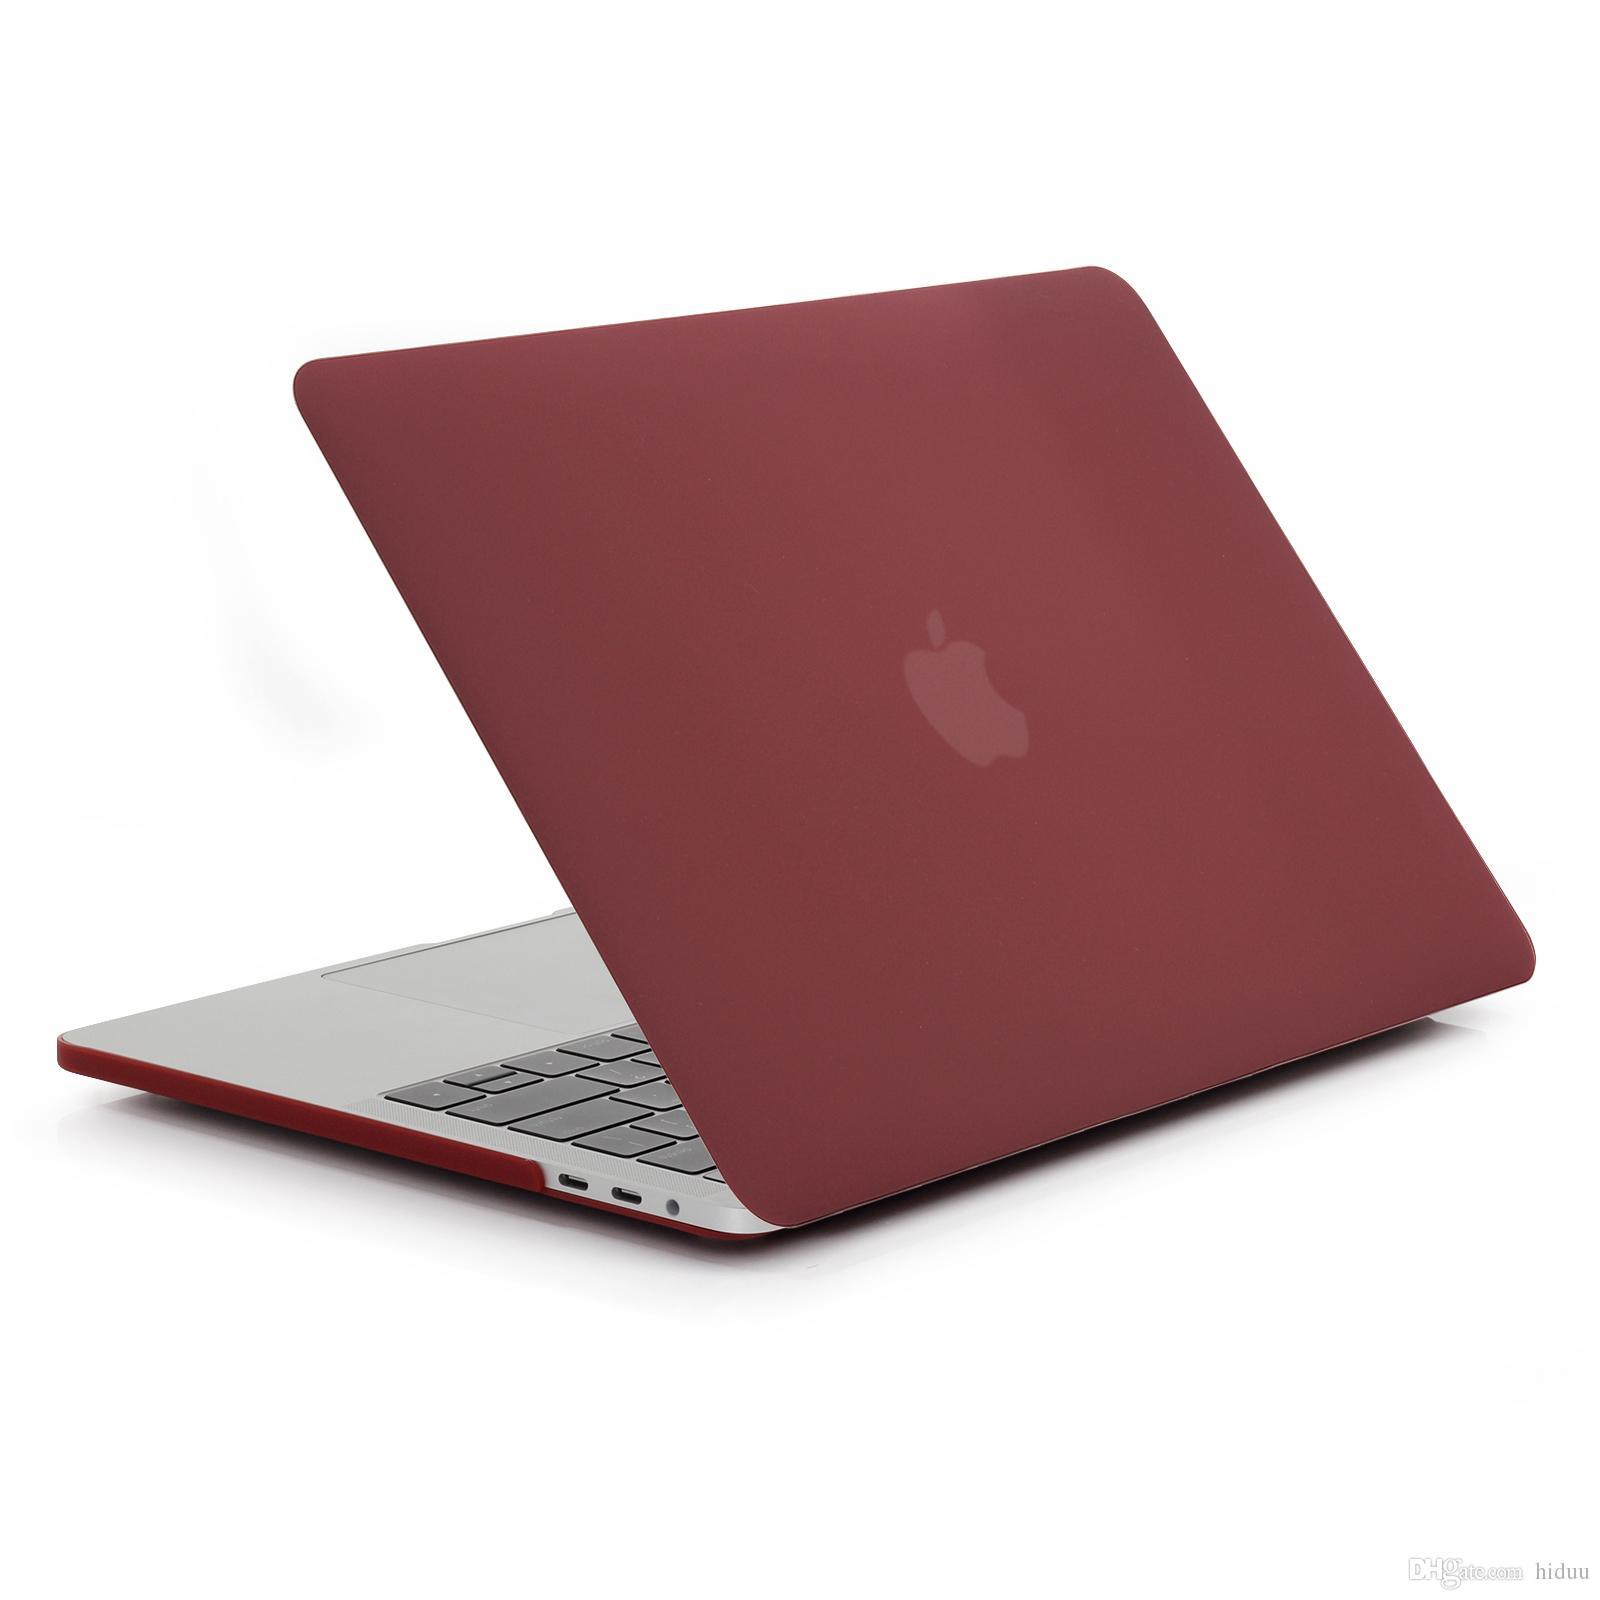 MacBook Pro 15 inç için Mat Kauçuk Kaplı Yumuşak Dokunmatik Plastik Hard Case YENİ Sürüm - Sürüm Ekim 2016 Klavye kapağı ile A1707